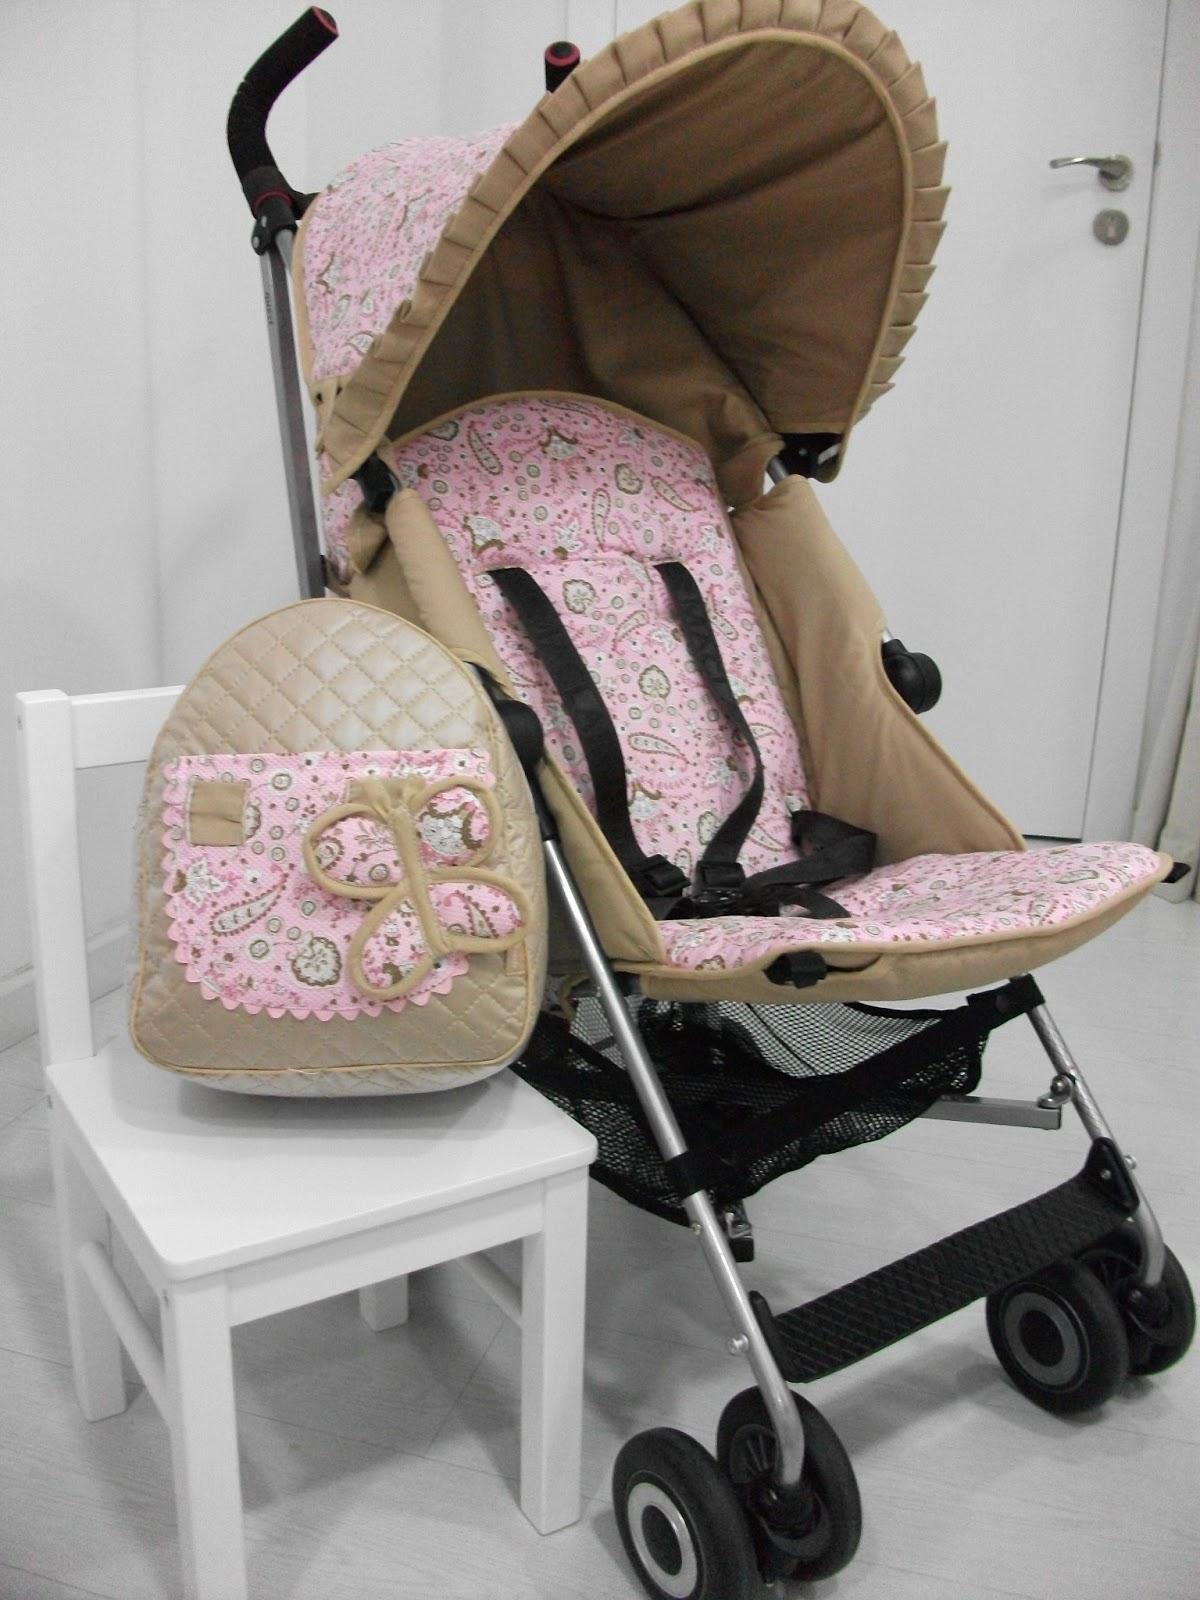 Sacos de silla ideas para dise ar for Saco para silla maclaren